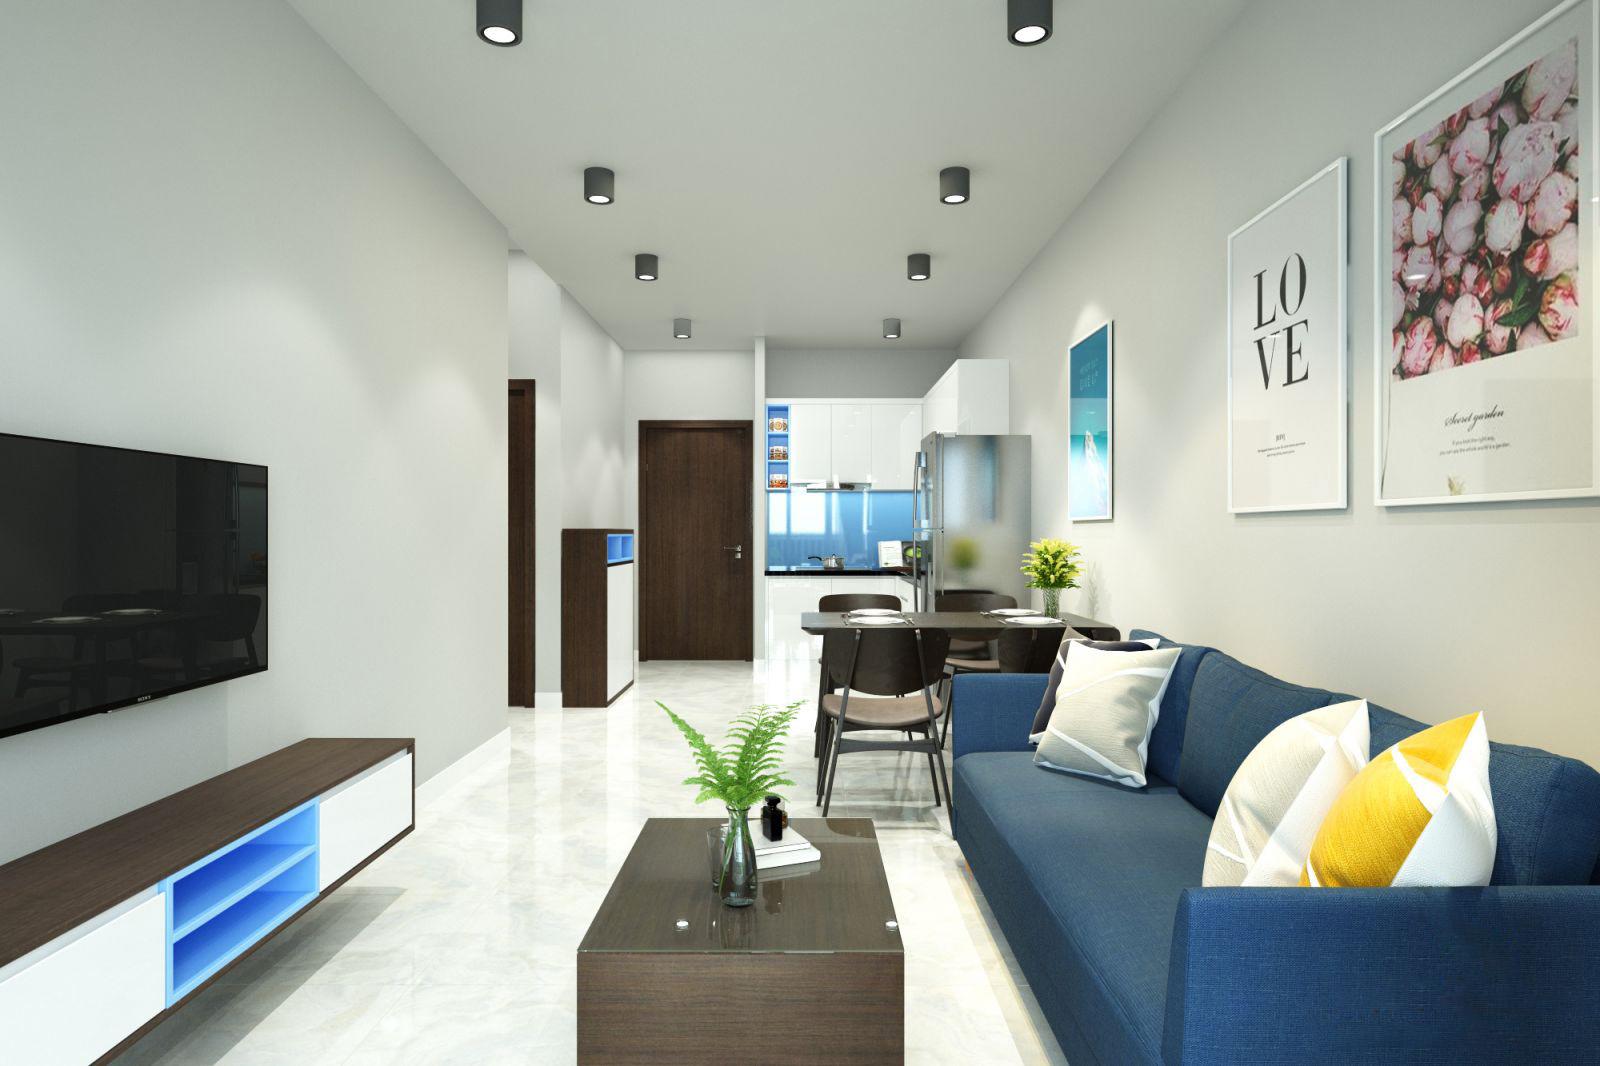 Thiết kế nội thất căn hộ Botanica Premier 65m2 – Chị Ngọc